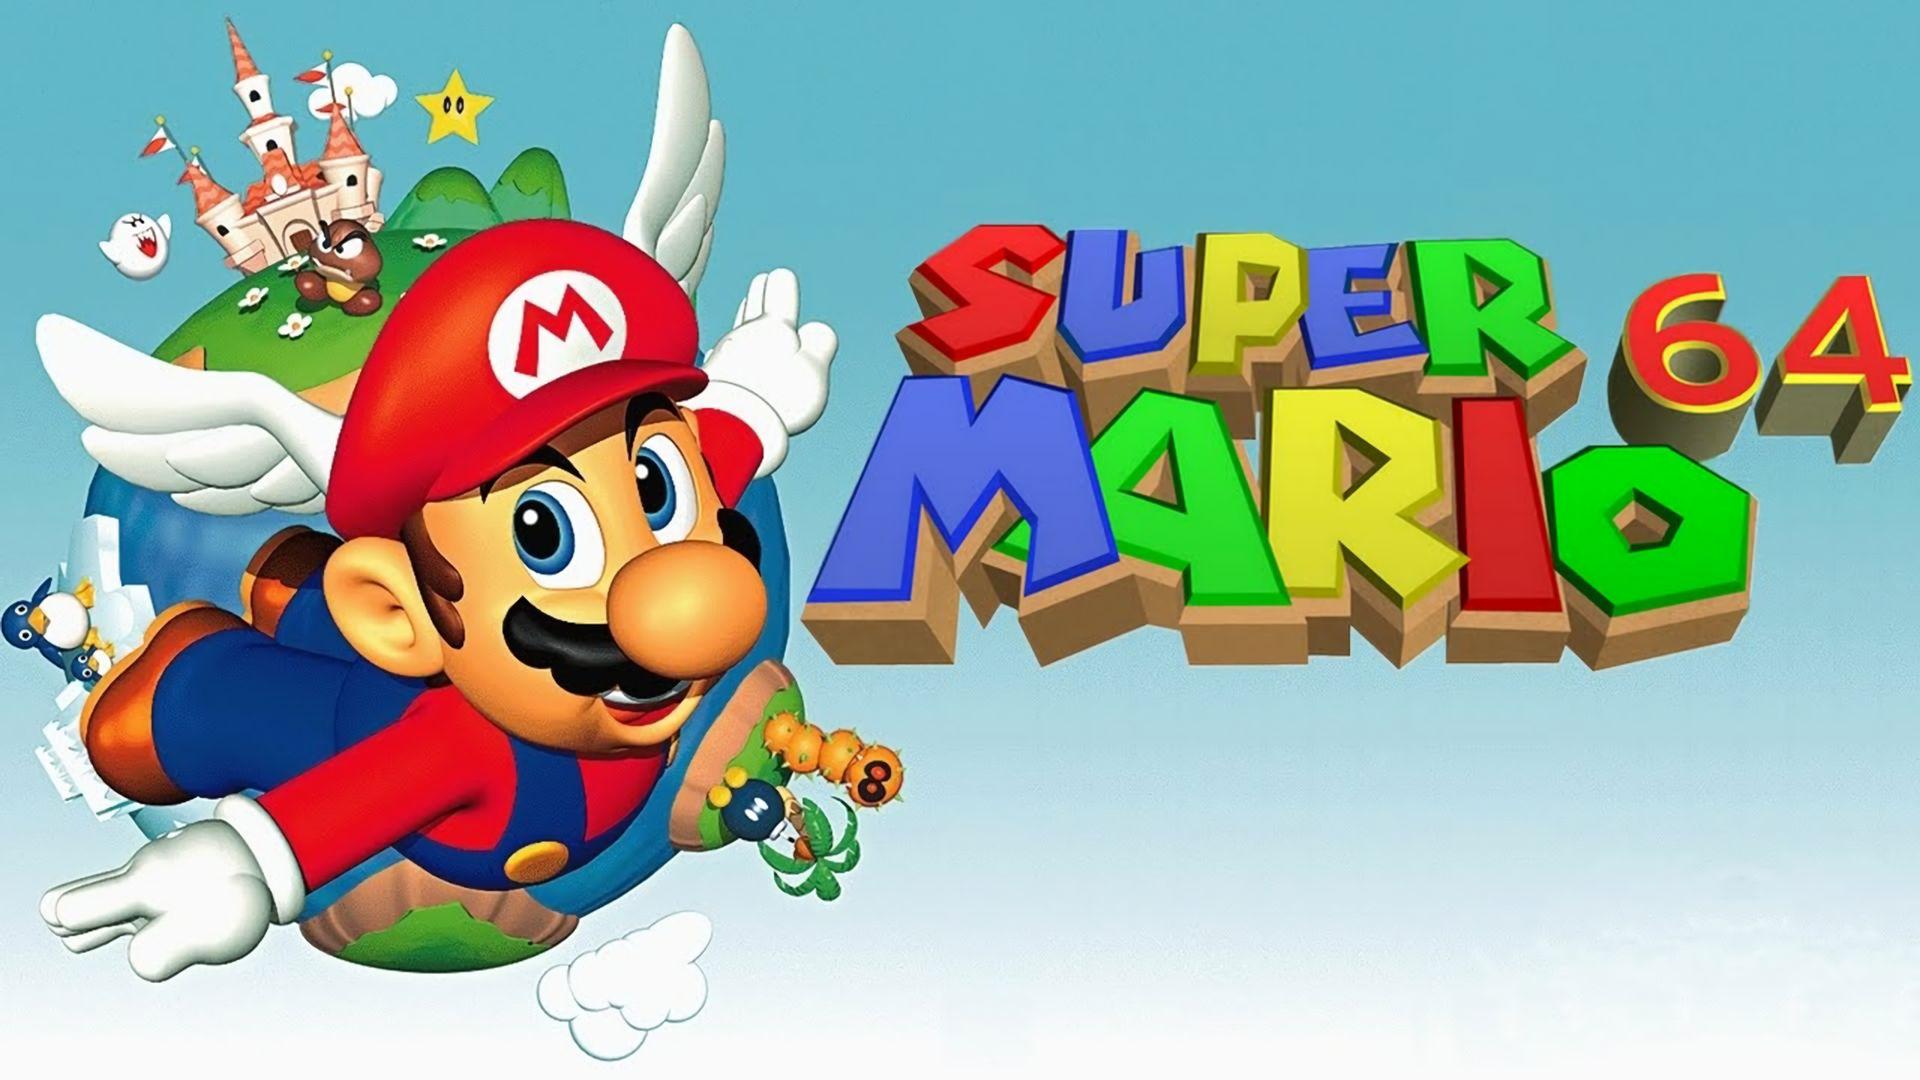 任天堂、PC向けのスーパーマリオ64をインターネットから削除したい»ビデオゲームについて話そう